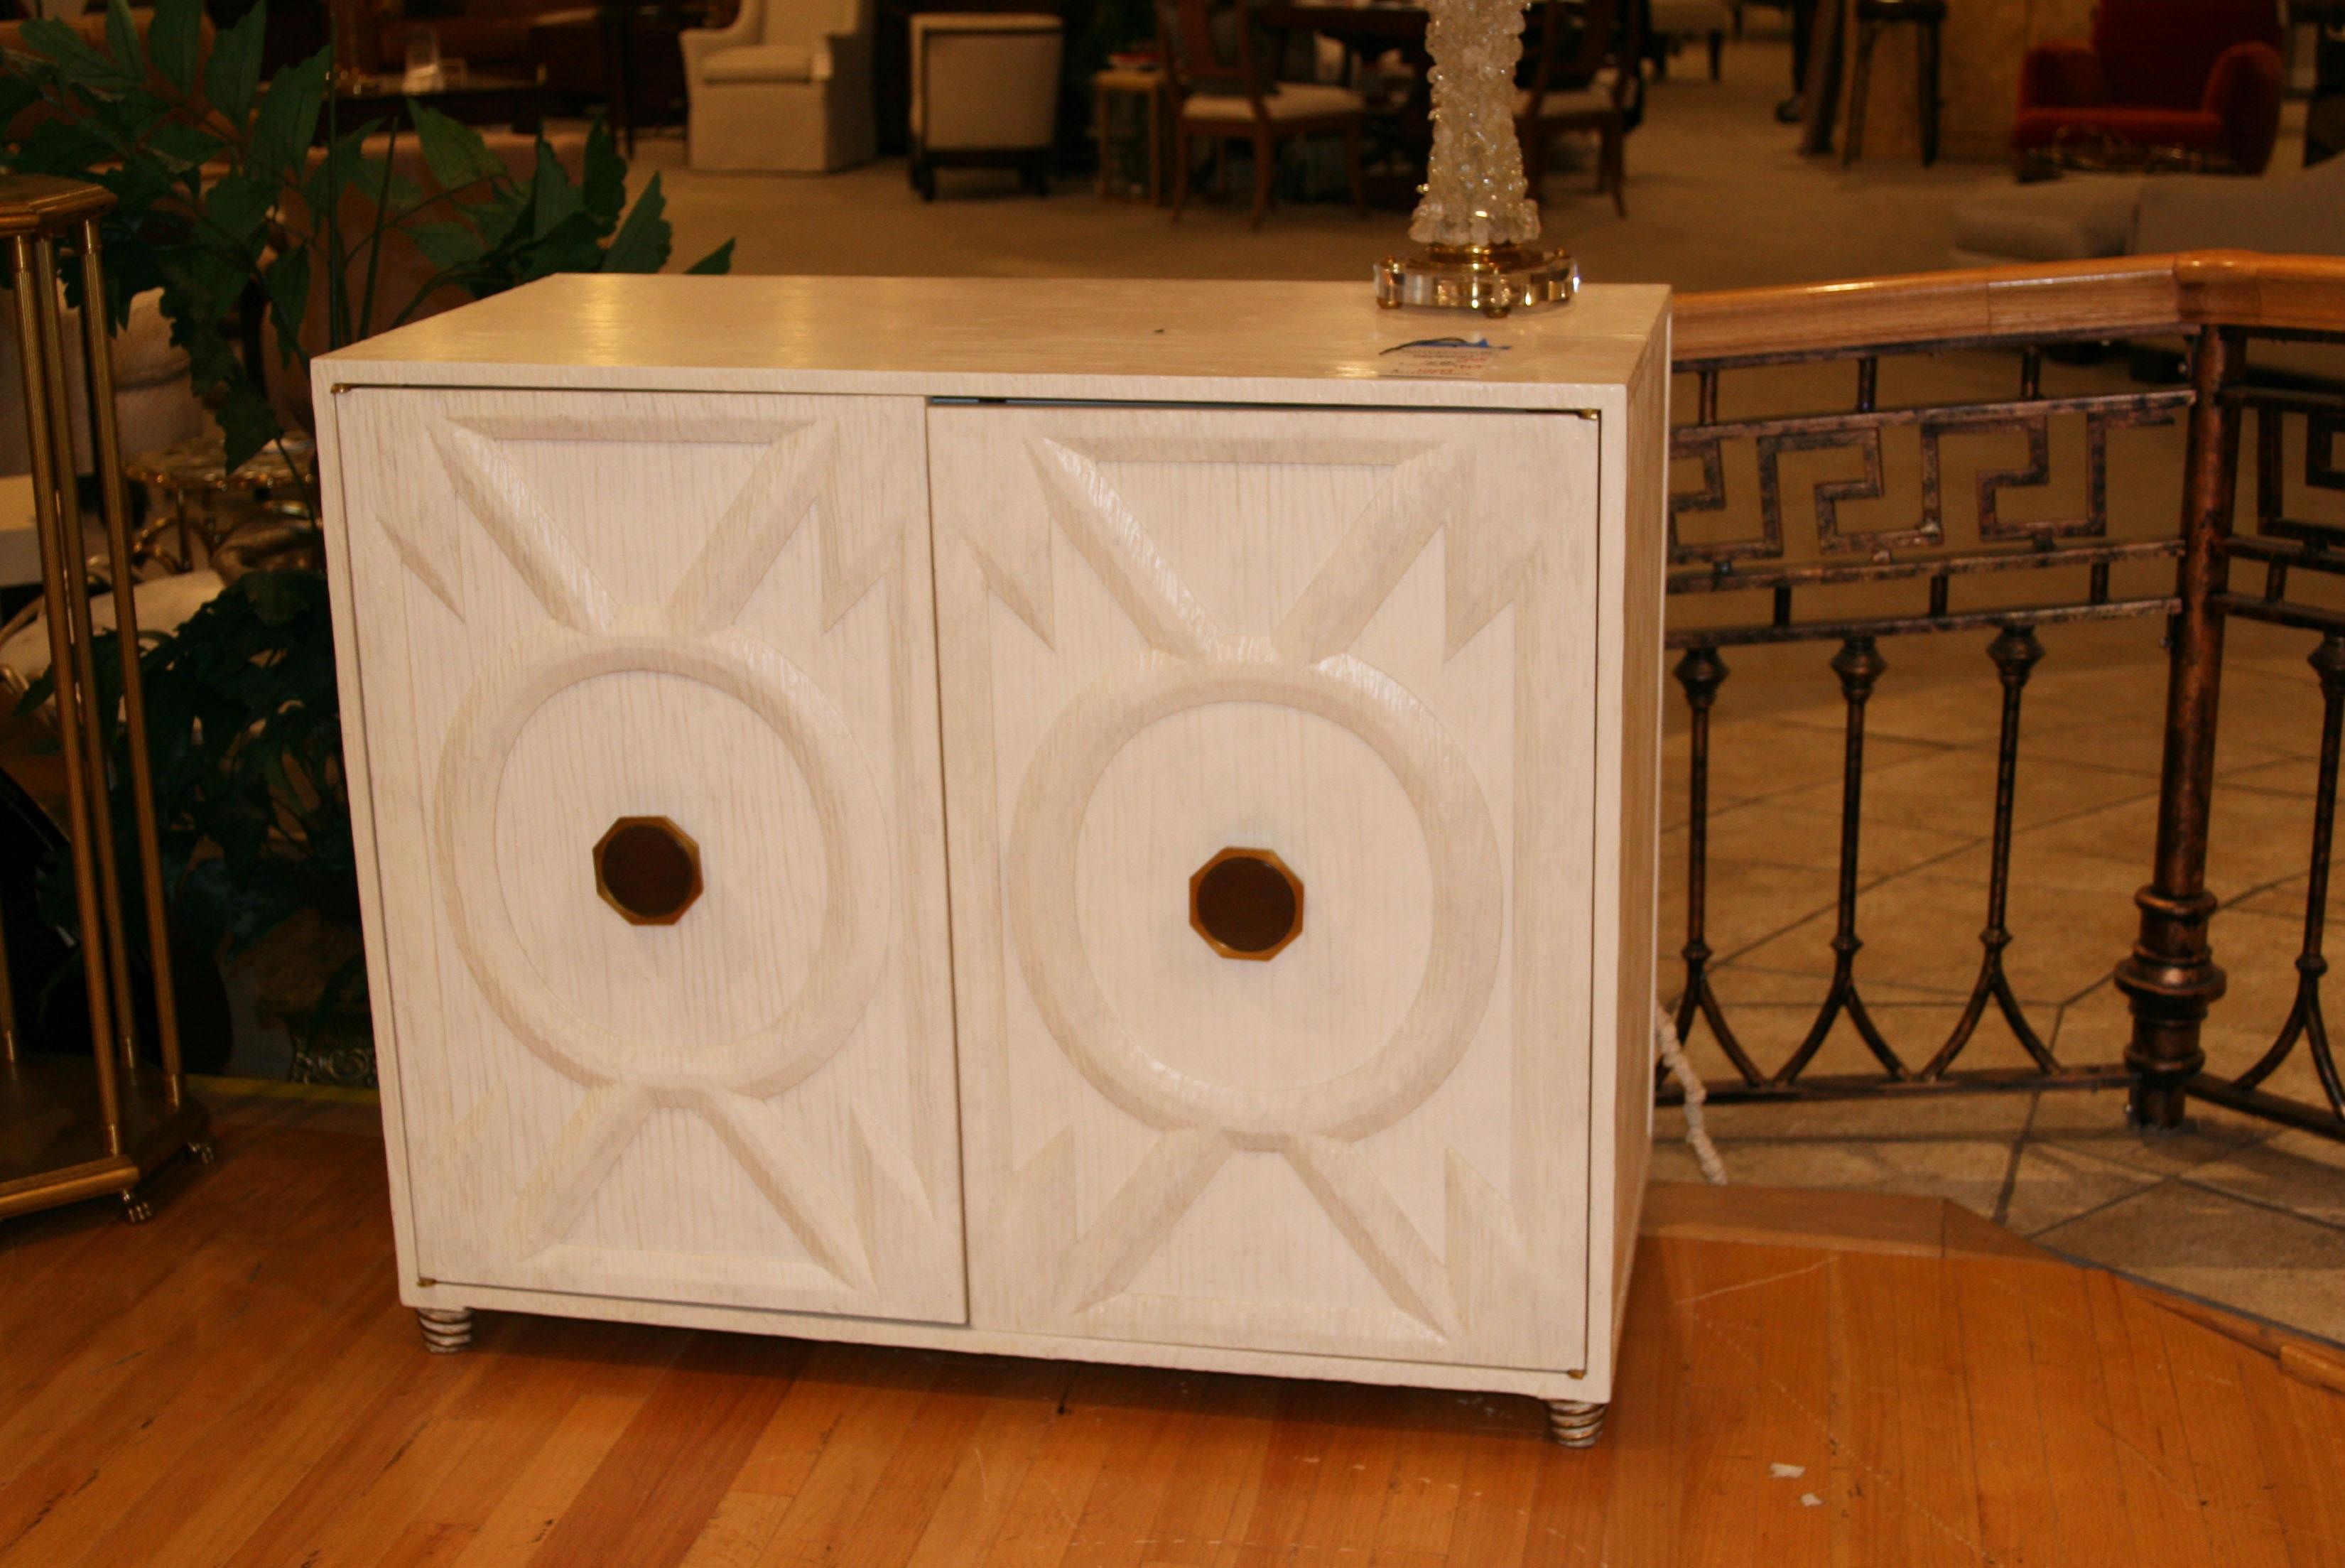 Merveilleux Henredon Factory Outlet Door Chest 8101 48 000